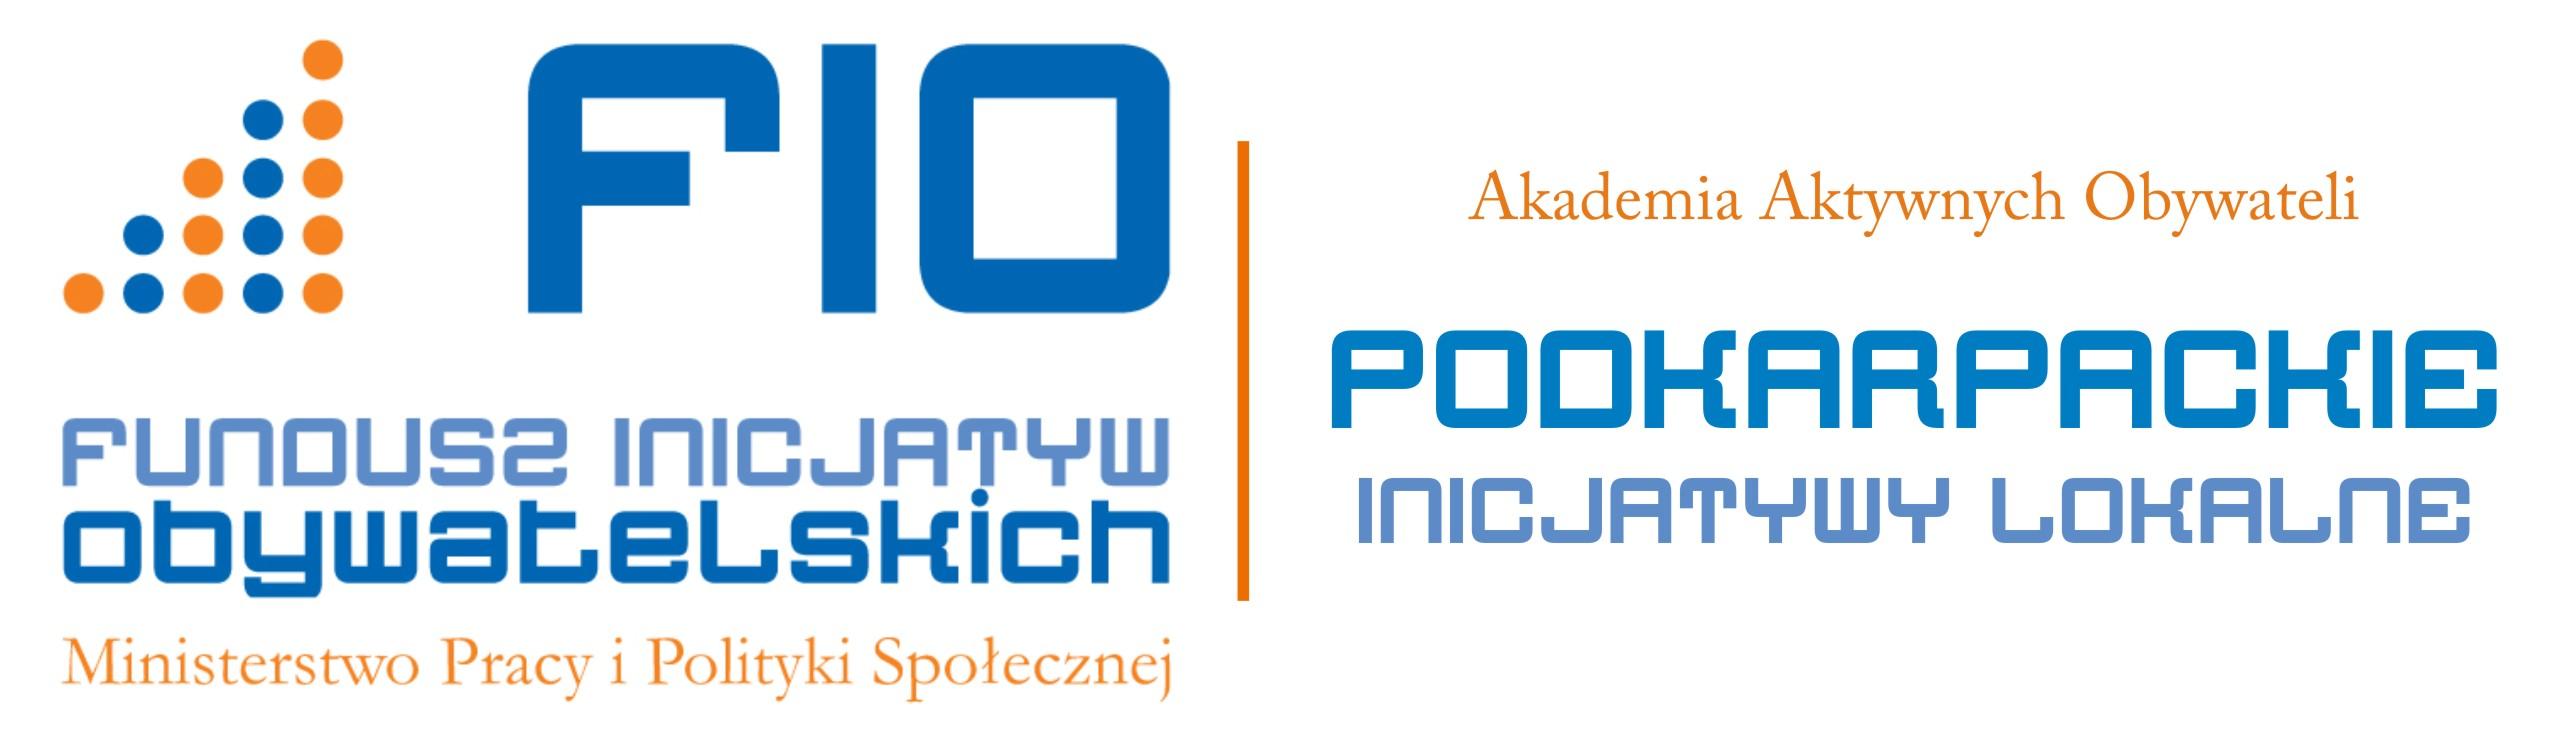 logo podkarpackie inicjatywy lokalne oryginal